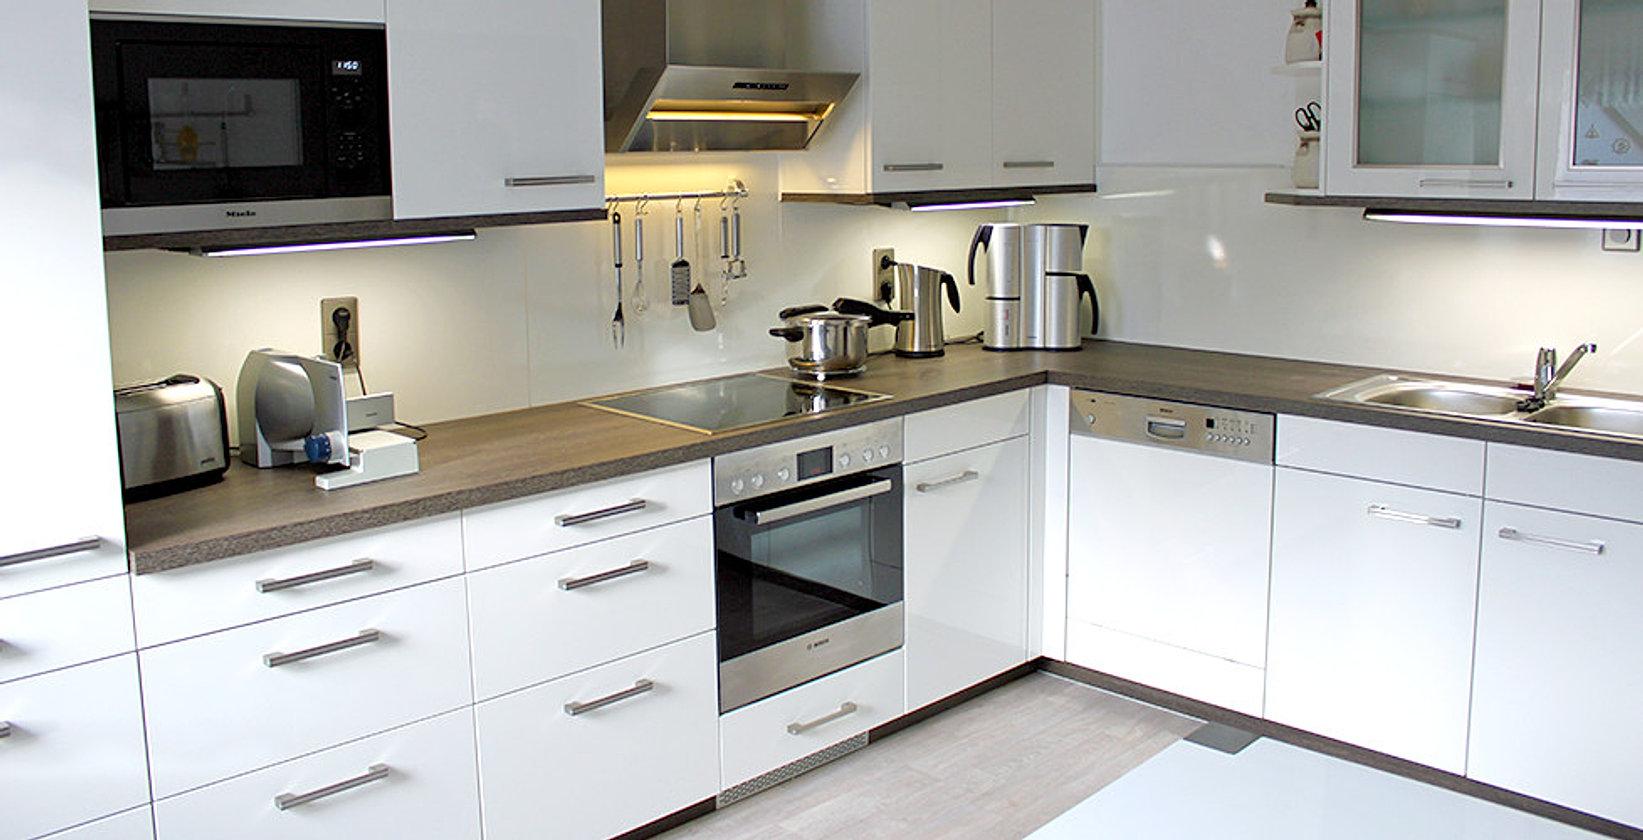 langs küchen ? küchenstudio in leipzig - Leipziger Küche